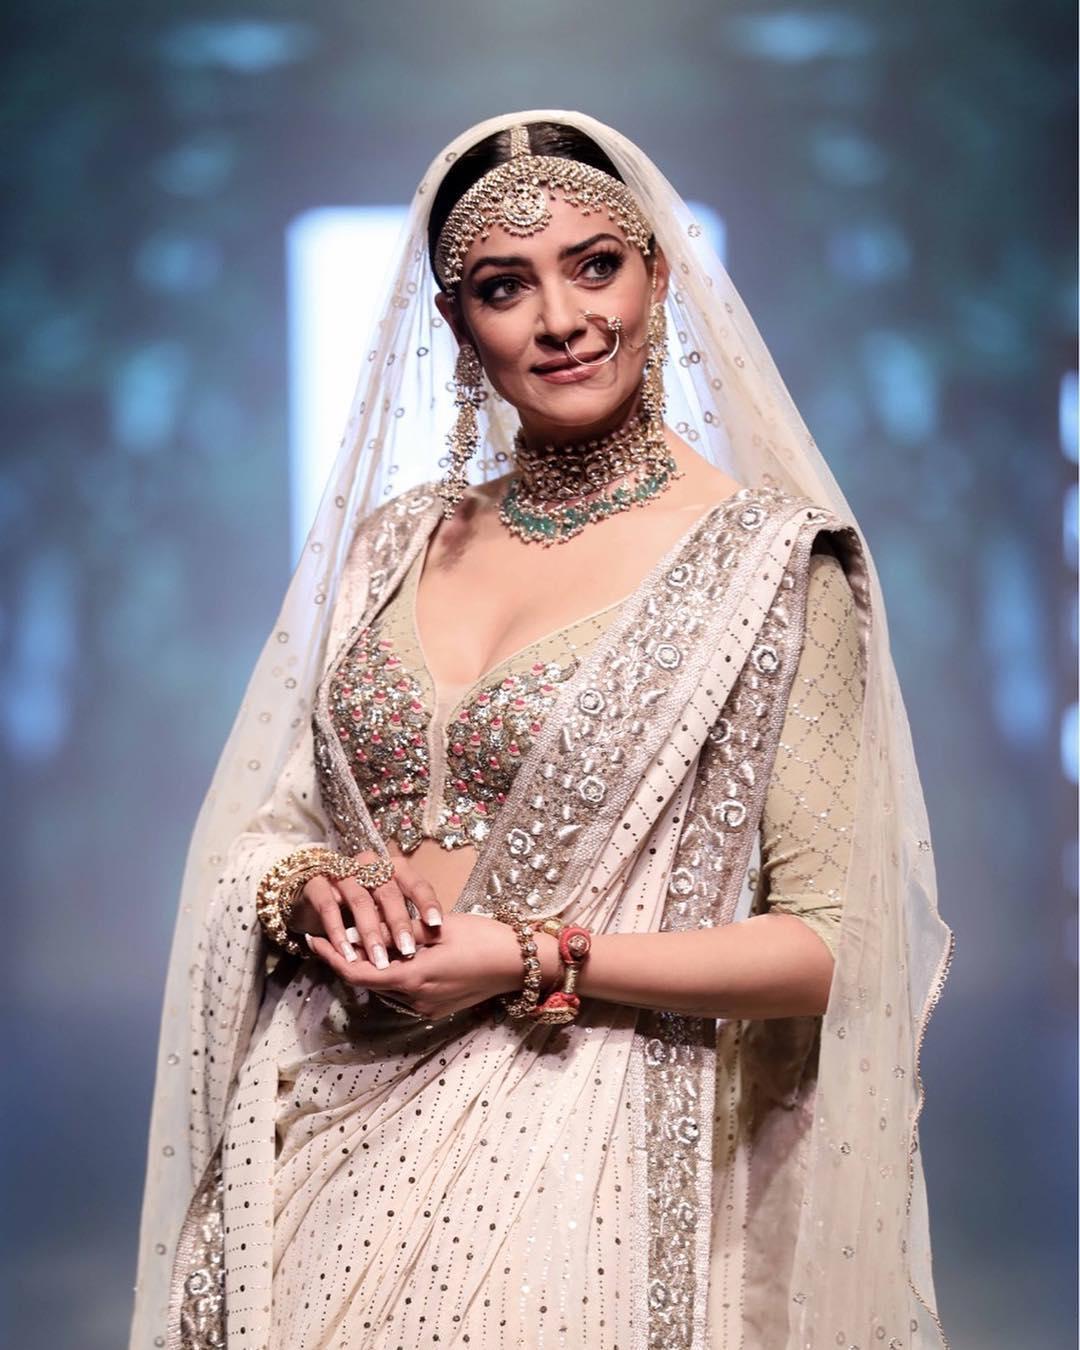 Sushmita Sen, Lakme Fashion Week Summer Resort 2018, Lakme Fashion Week, Bridal Lehenga, Bollywood Fashion, House of Kotwara